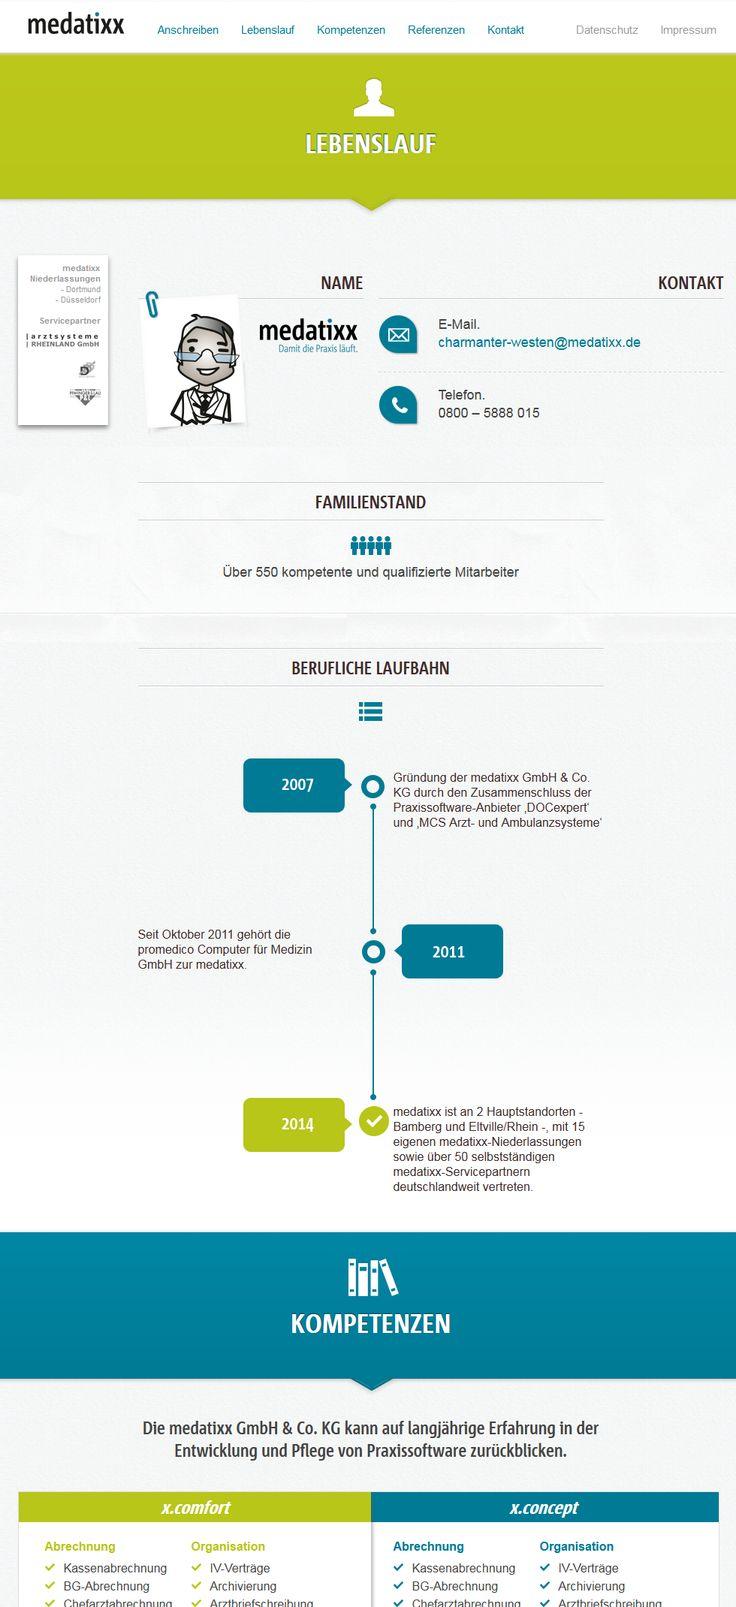 """Ein """"klassisches"""" Bewerbungsschreiben versendet die medatixx GmbH & Co. KG und bewirbt seine Produkte damit in Arztpraxen. Die Kampagne für die Region West wird durch ein postalisches Anschreiben in Form einer Bewerbung eingeleitet. Weiter geht es auf der zugehörigen Landingpage.…"""